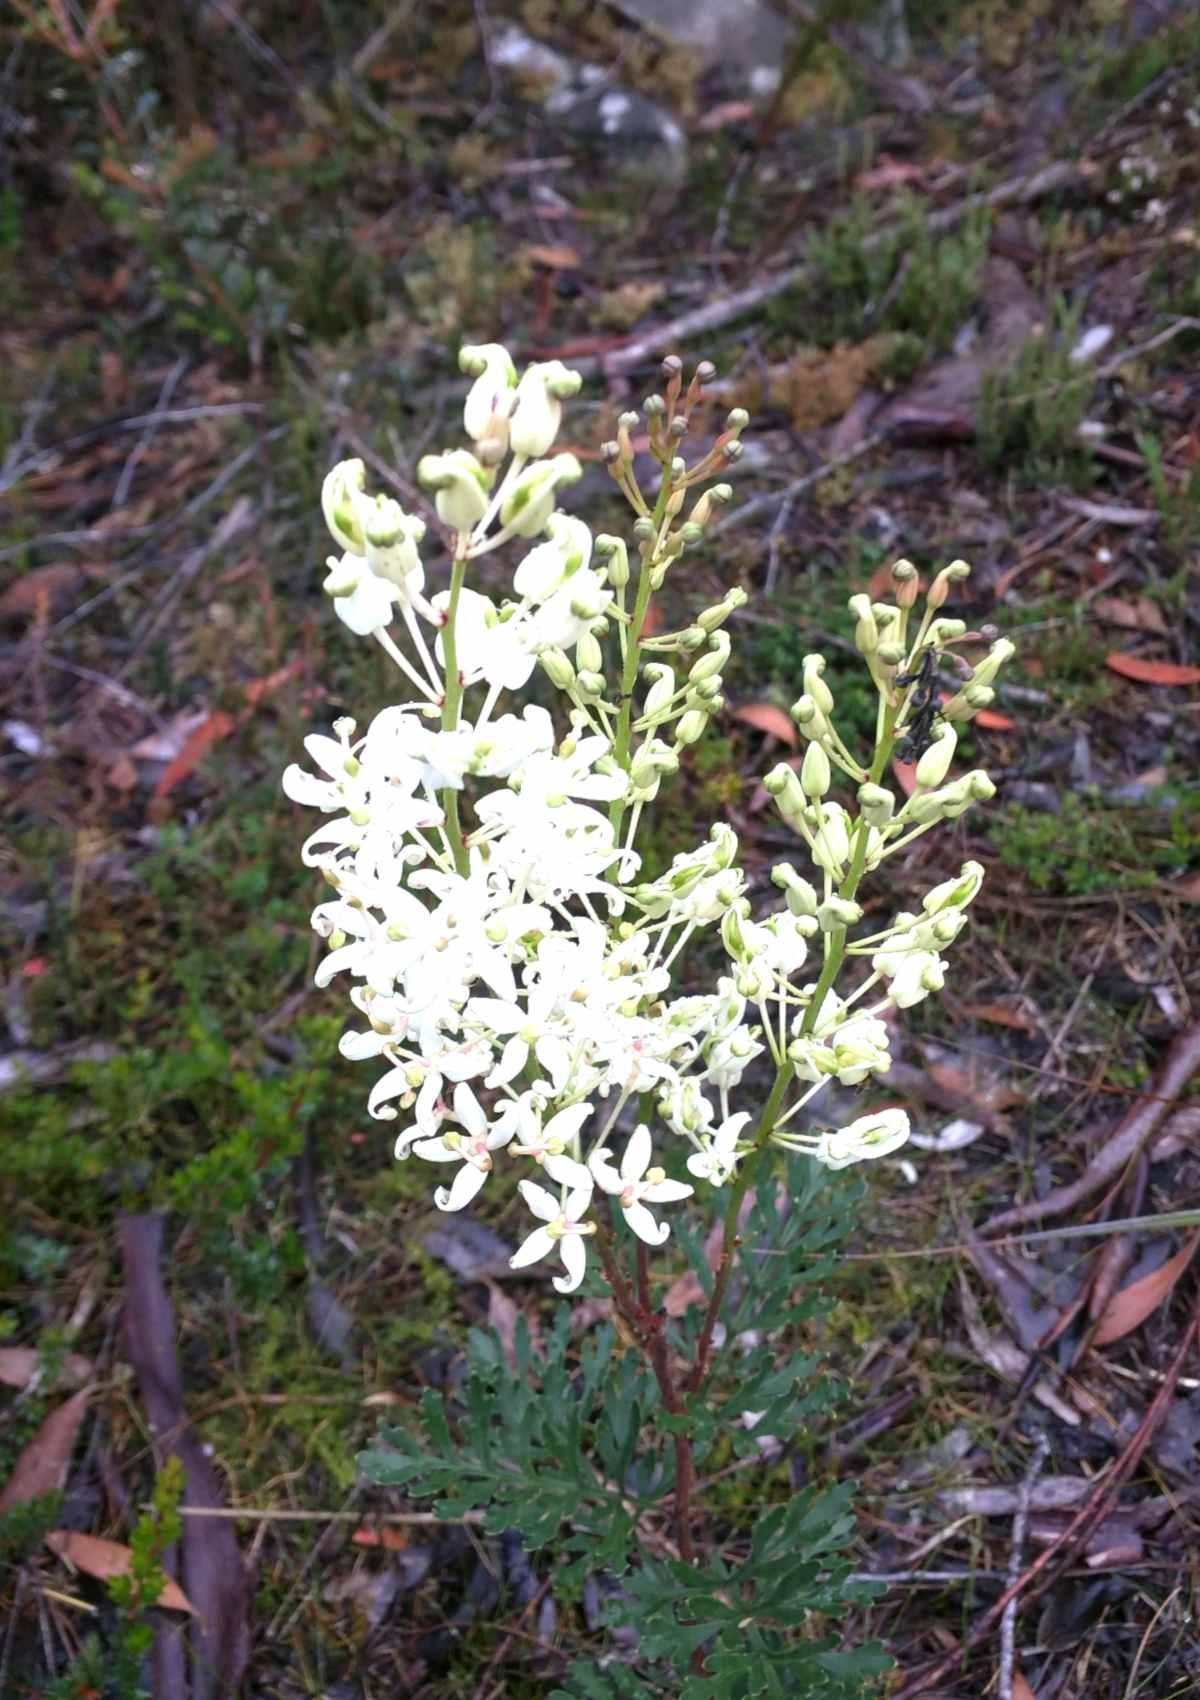 Lomatia tinctoria blooming